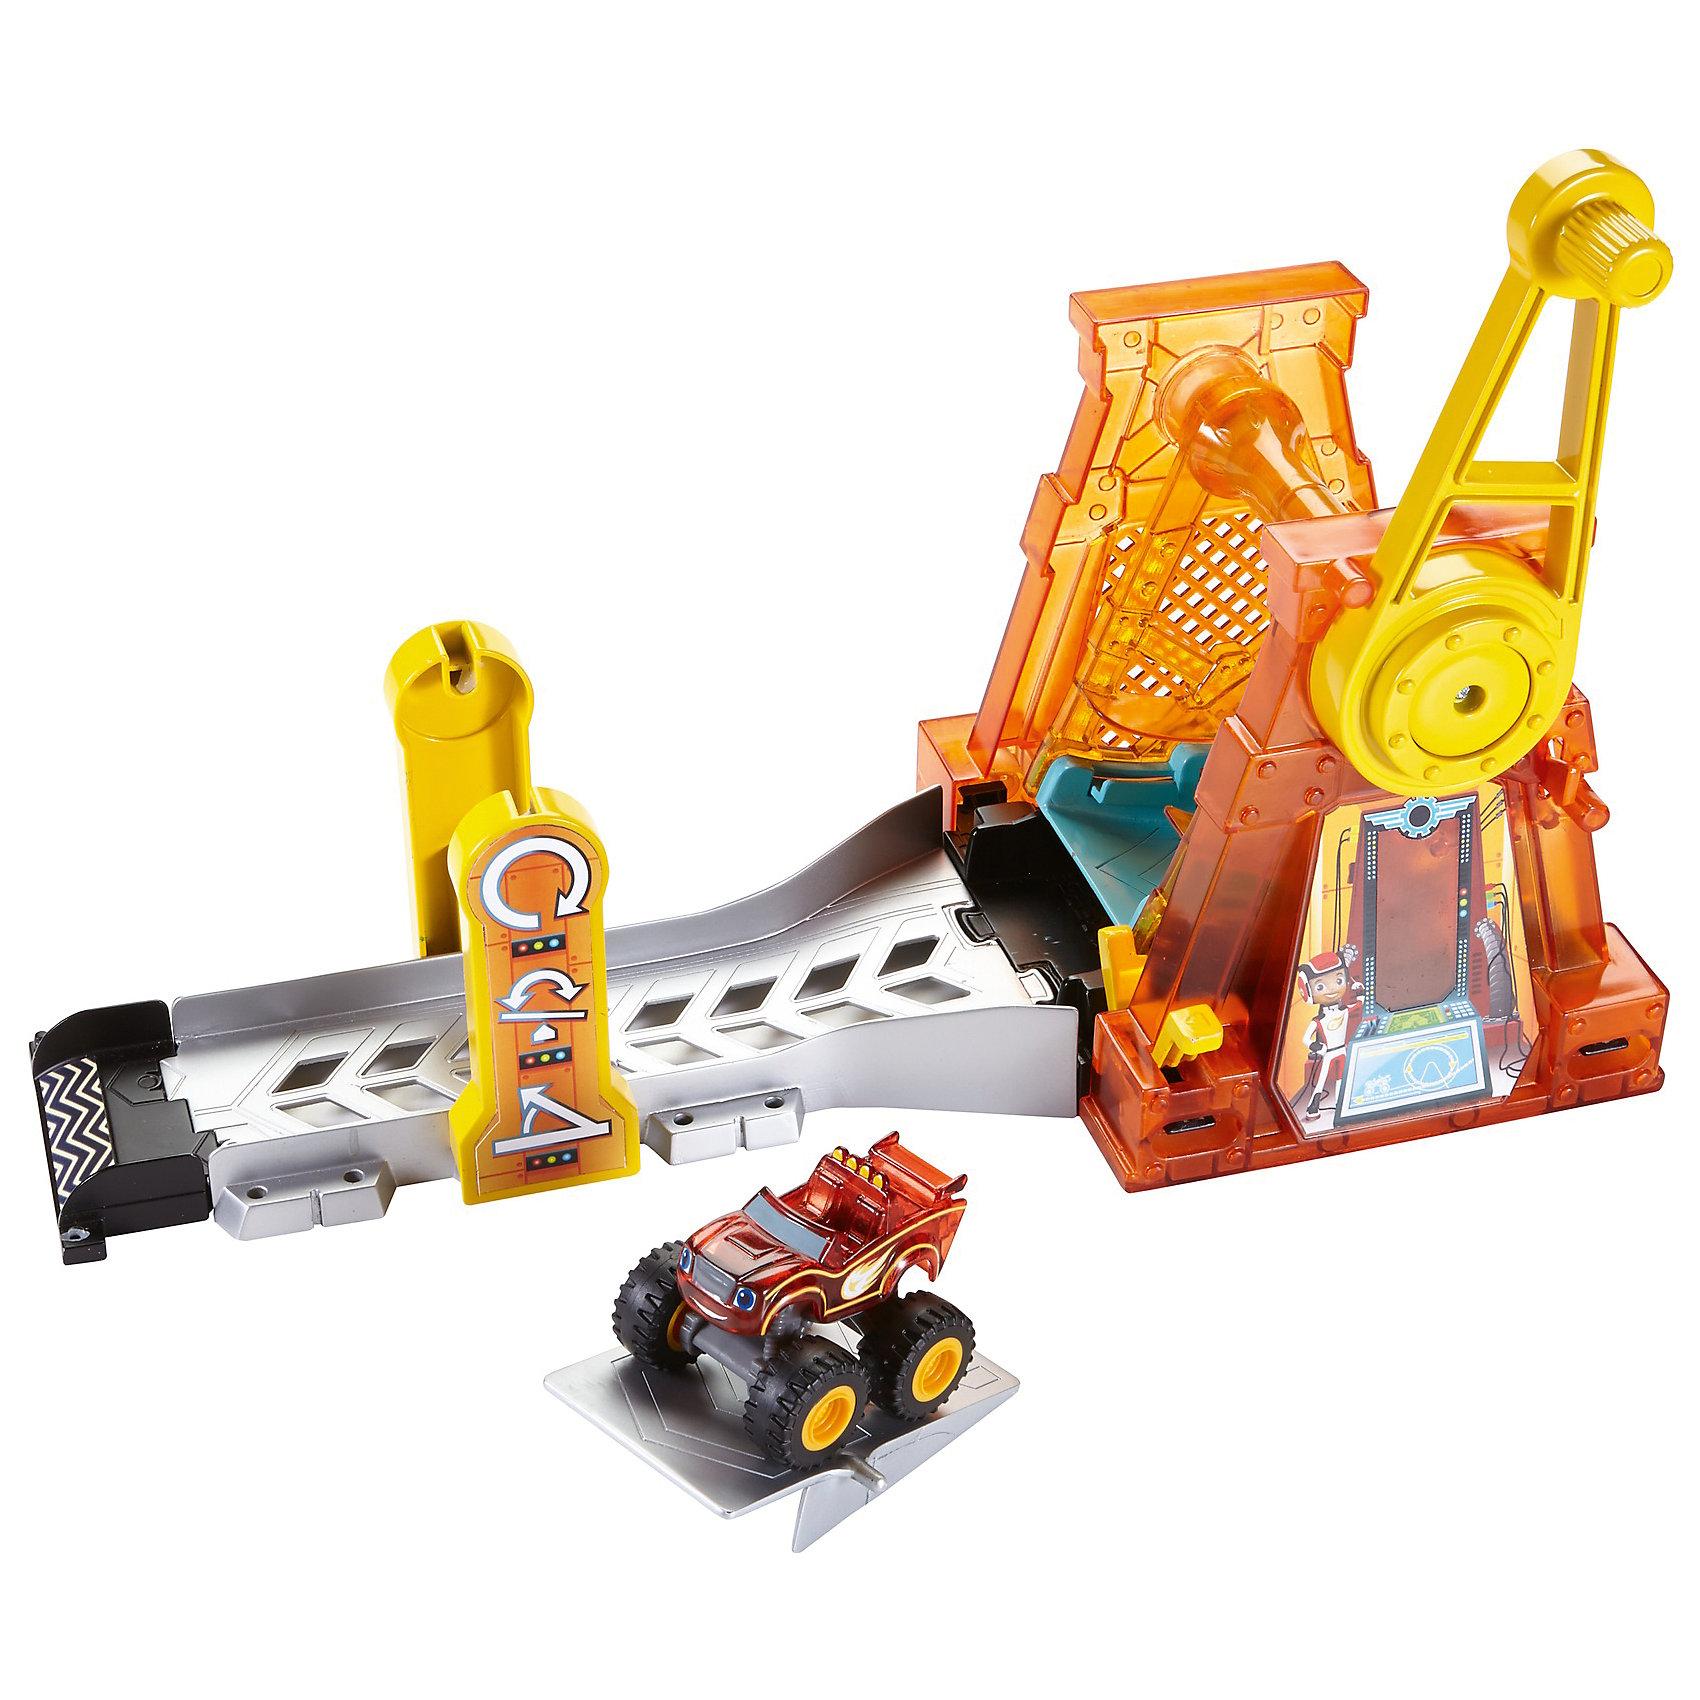 Игровой набор Гиперпетля, Fisher Price, Вспыш и чудо-машинкиИгровые наборы<br>Характеристики товара:<br><br>• комплектация: игрушка, упаковка <br>• материал: пластик<br>• двигающиеся элементы<br>• серия: Вспыш и чудо-машинки<br>• возраст: от 3 лет<br>• для мальчиков<br>• габариты упаковки: 42х28х13 см.<br>• срок годности: не ограничен<br>• страна бренда: США<br><br>Гиперпетля – дополнение к игрушкам из серии чудо-машинок. При нажатии на специальную кнопку Вспыш делает оборот в 360 градусов. Трасса содержит множество препятствий и деталей. Стоит отметить, что все товары, выпускаемые компанией Mattel, полностью безопасны и соответствуют международным  требованиям по качеству материалов. <br><br>Игрушку Игровой набор Гиперпетля, Fisher Price, Вспыш и чудо-машинки» можно приобрести в нашем интернет-магазине.<br><br>Ширина мм: 415<br>Глубина мм: 105<br>Высота мм: 280<br>Вес г: 978<br>Возраст от месяцев: 36<br>Возраст до месяцев: 120<br>Пол: Мужской<br>Возраст: Детский<br>SKU: 5378258